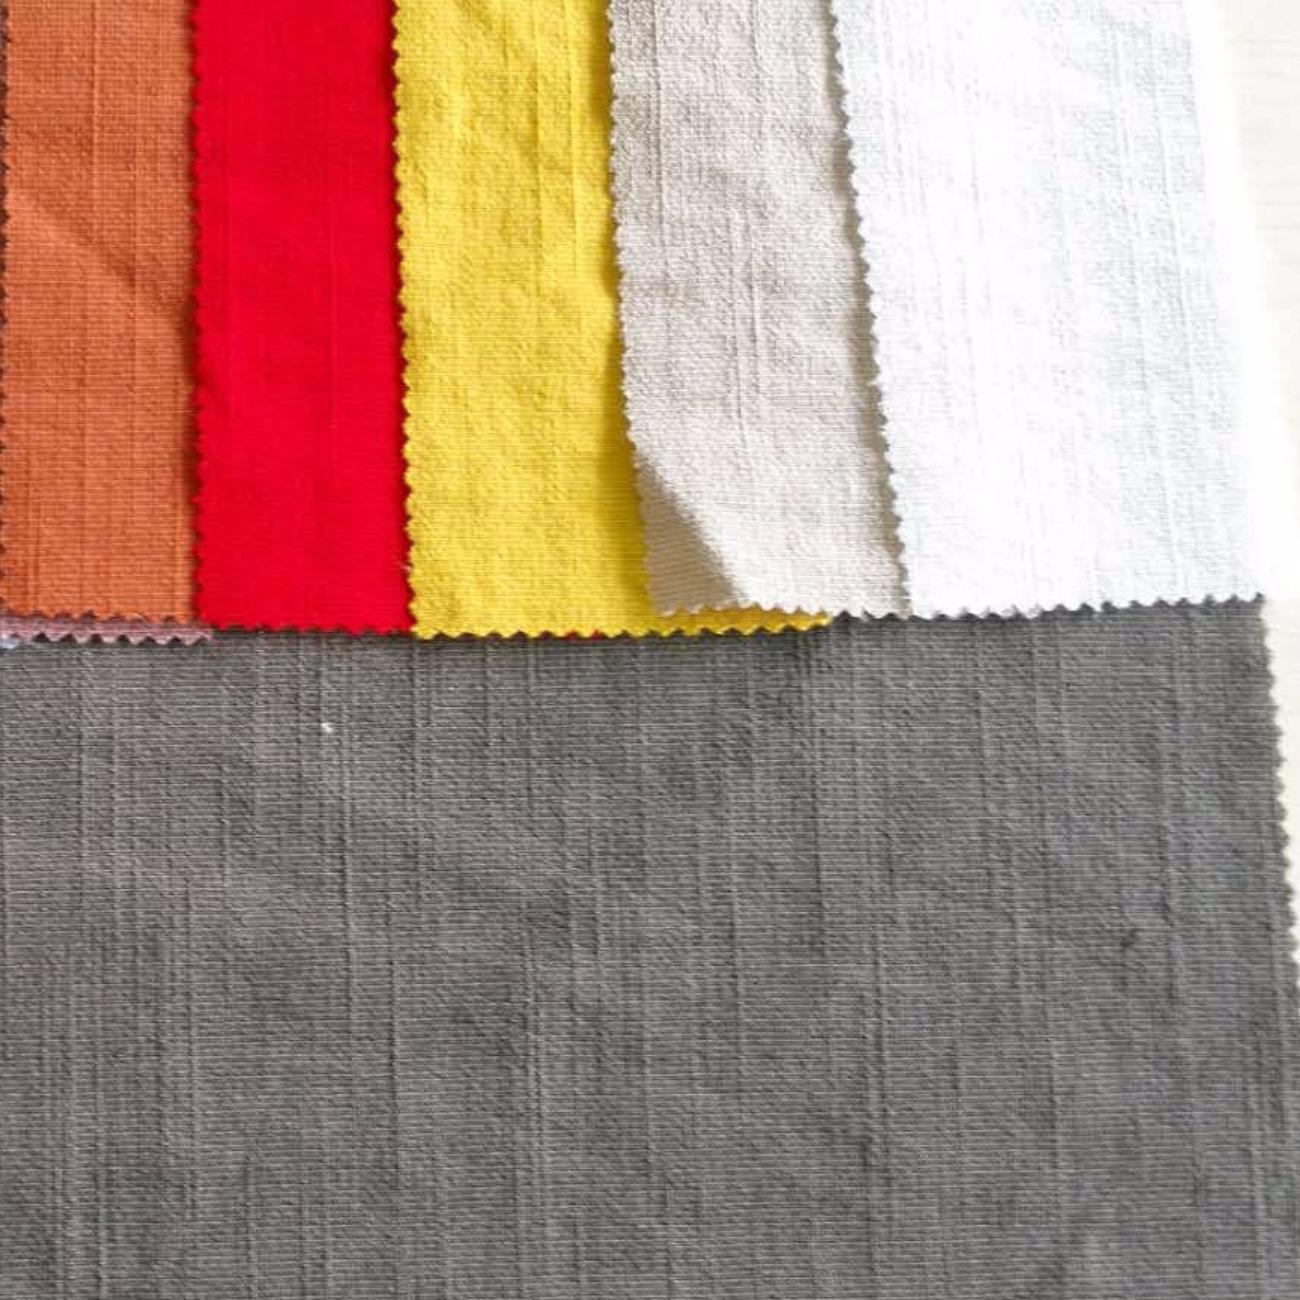 72%聚脂纤维16%粘胶2%氨纶混纺梭织染色布